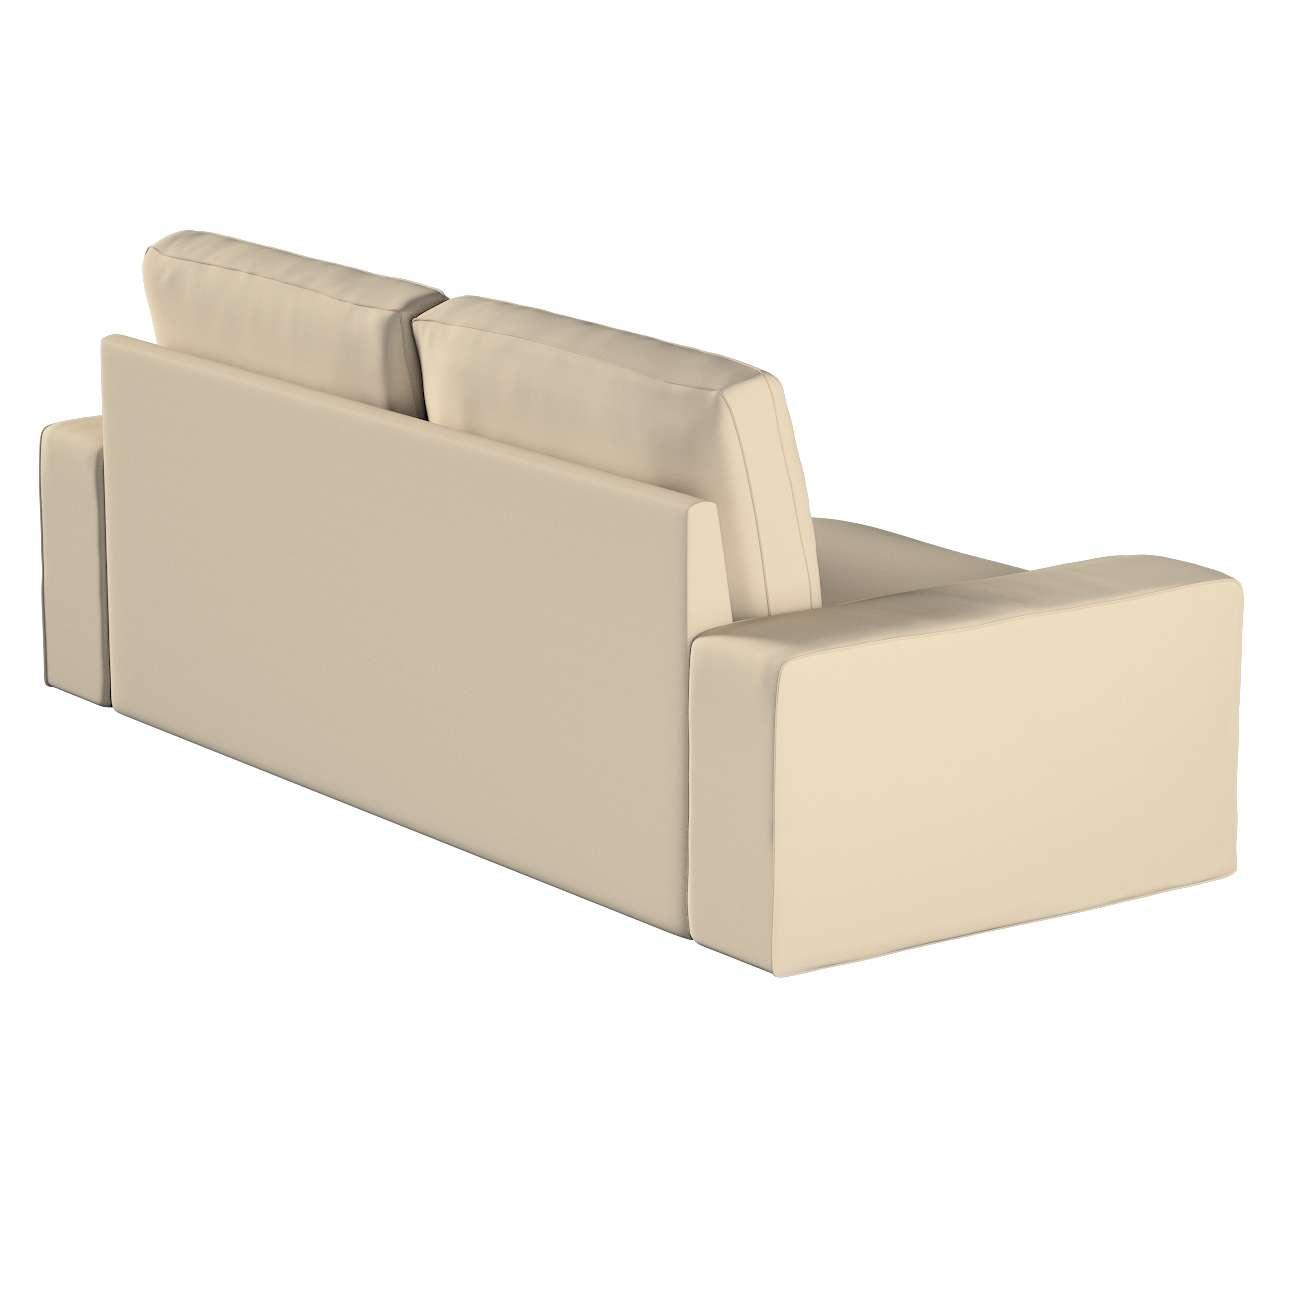 Pokrowiec na sofę Kivik 3-osobową, rozkładaną w kolekcji Cotton Panama, tkanina: 702-01